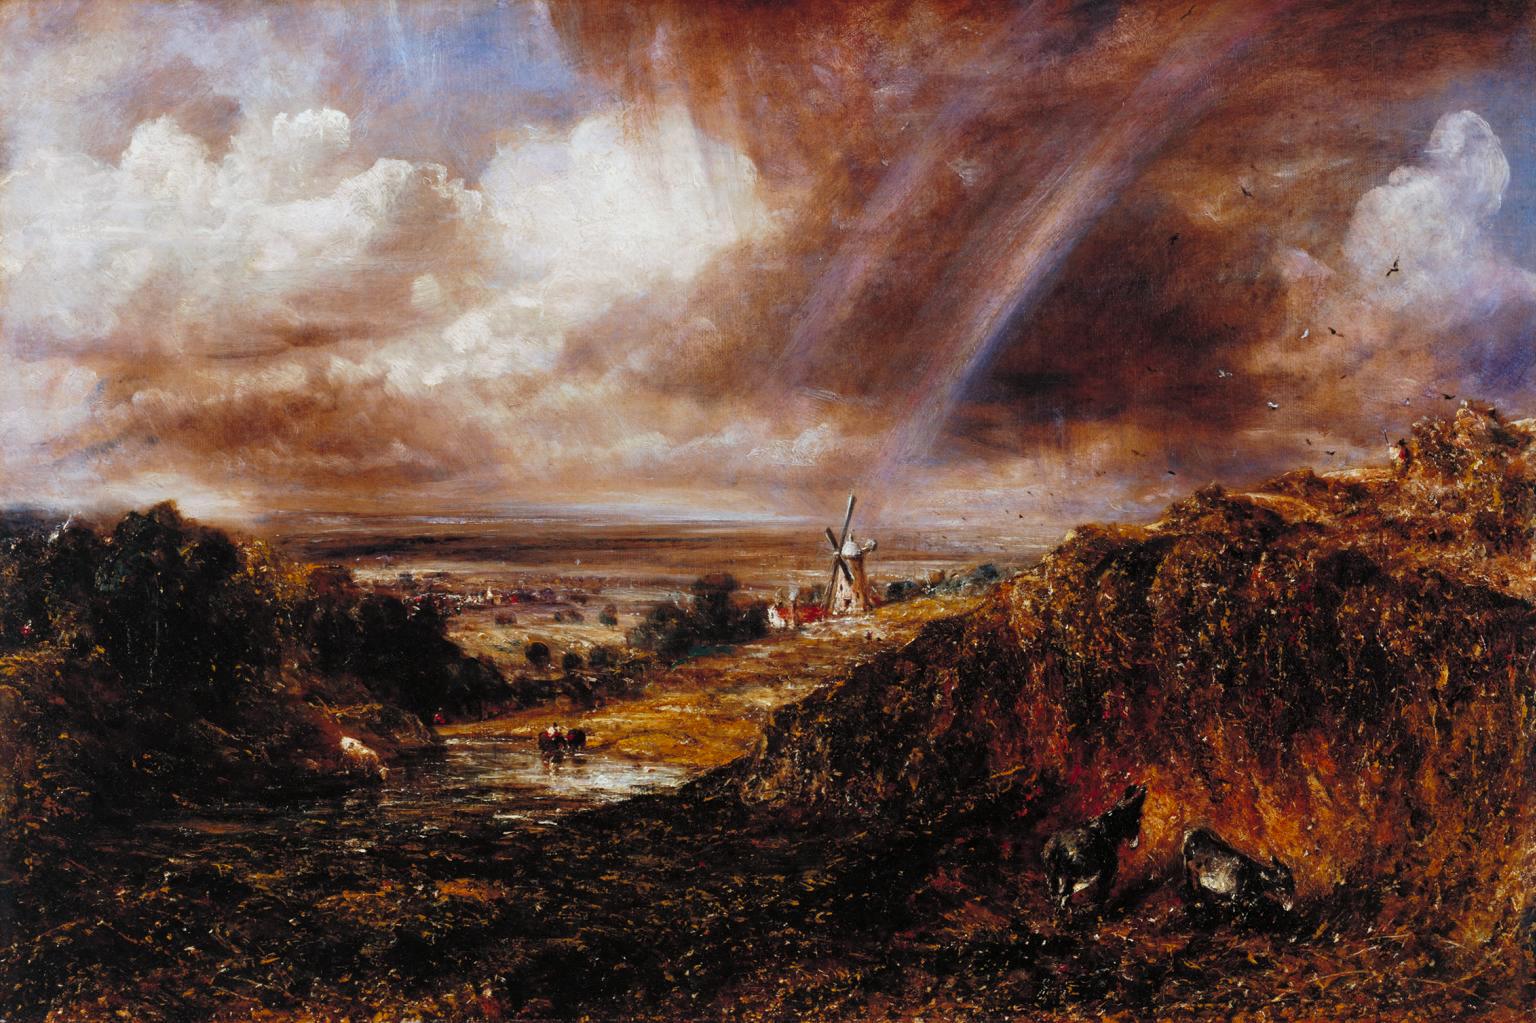 John Constable, Brughiera di Hampstead con un arcobaleno, 1836